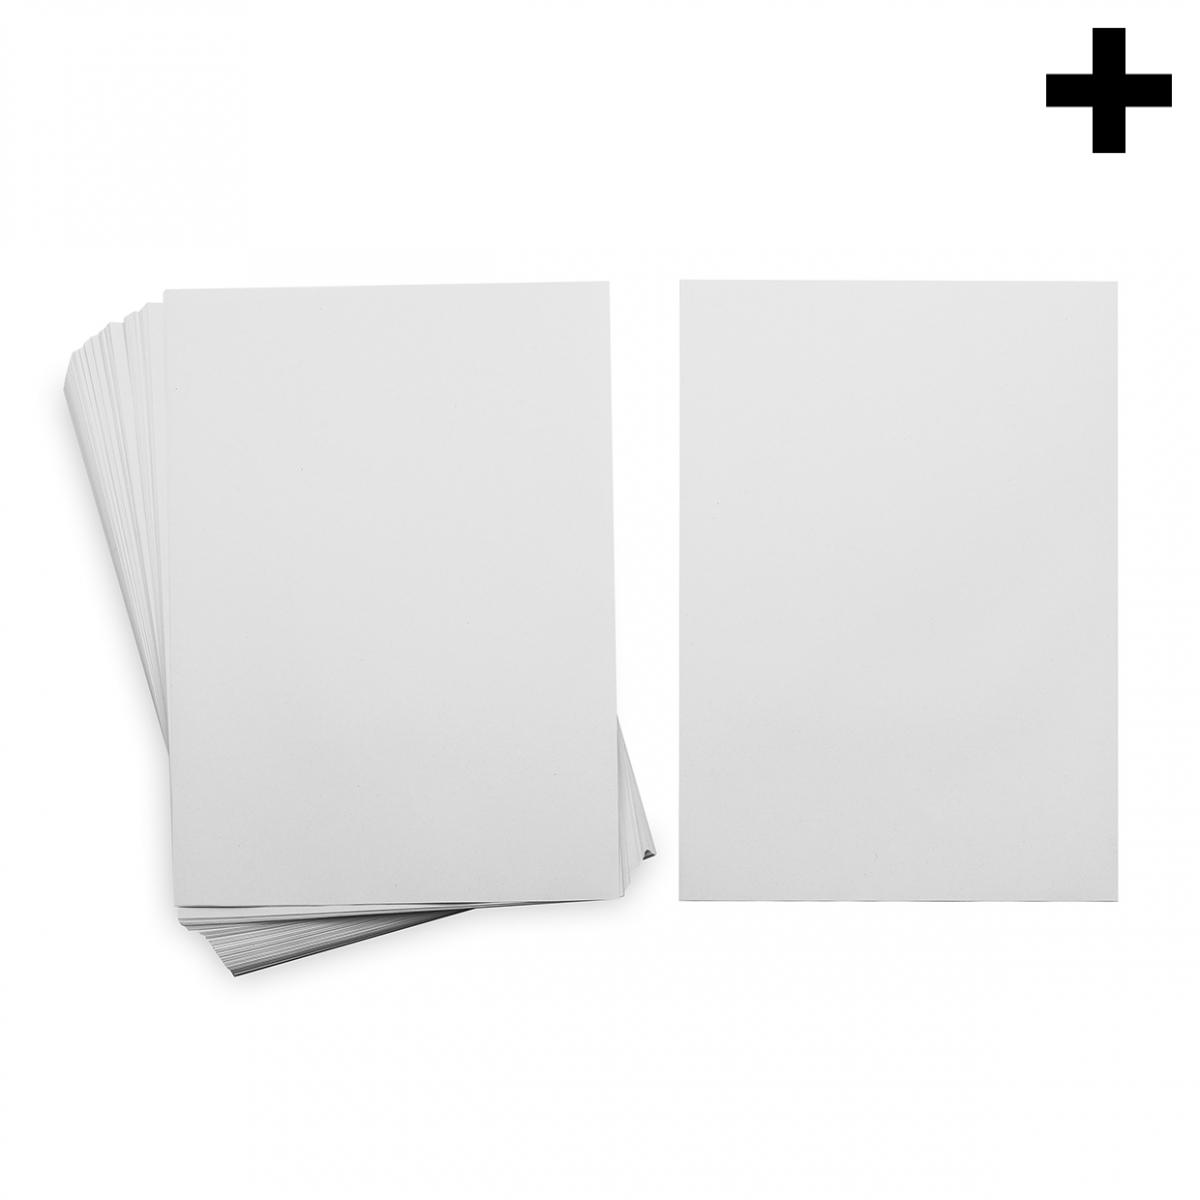 Imagen en la que se ve el plural del concepto folio